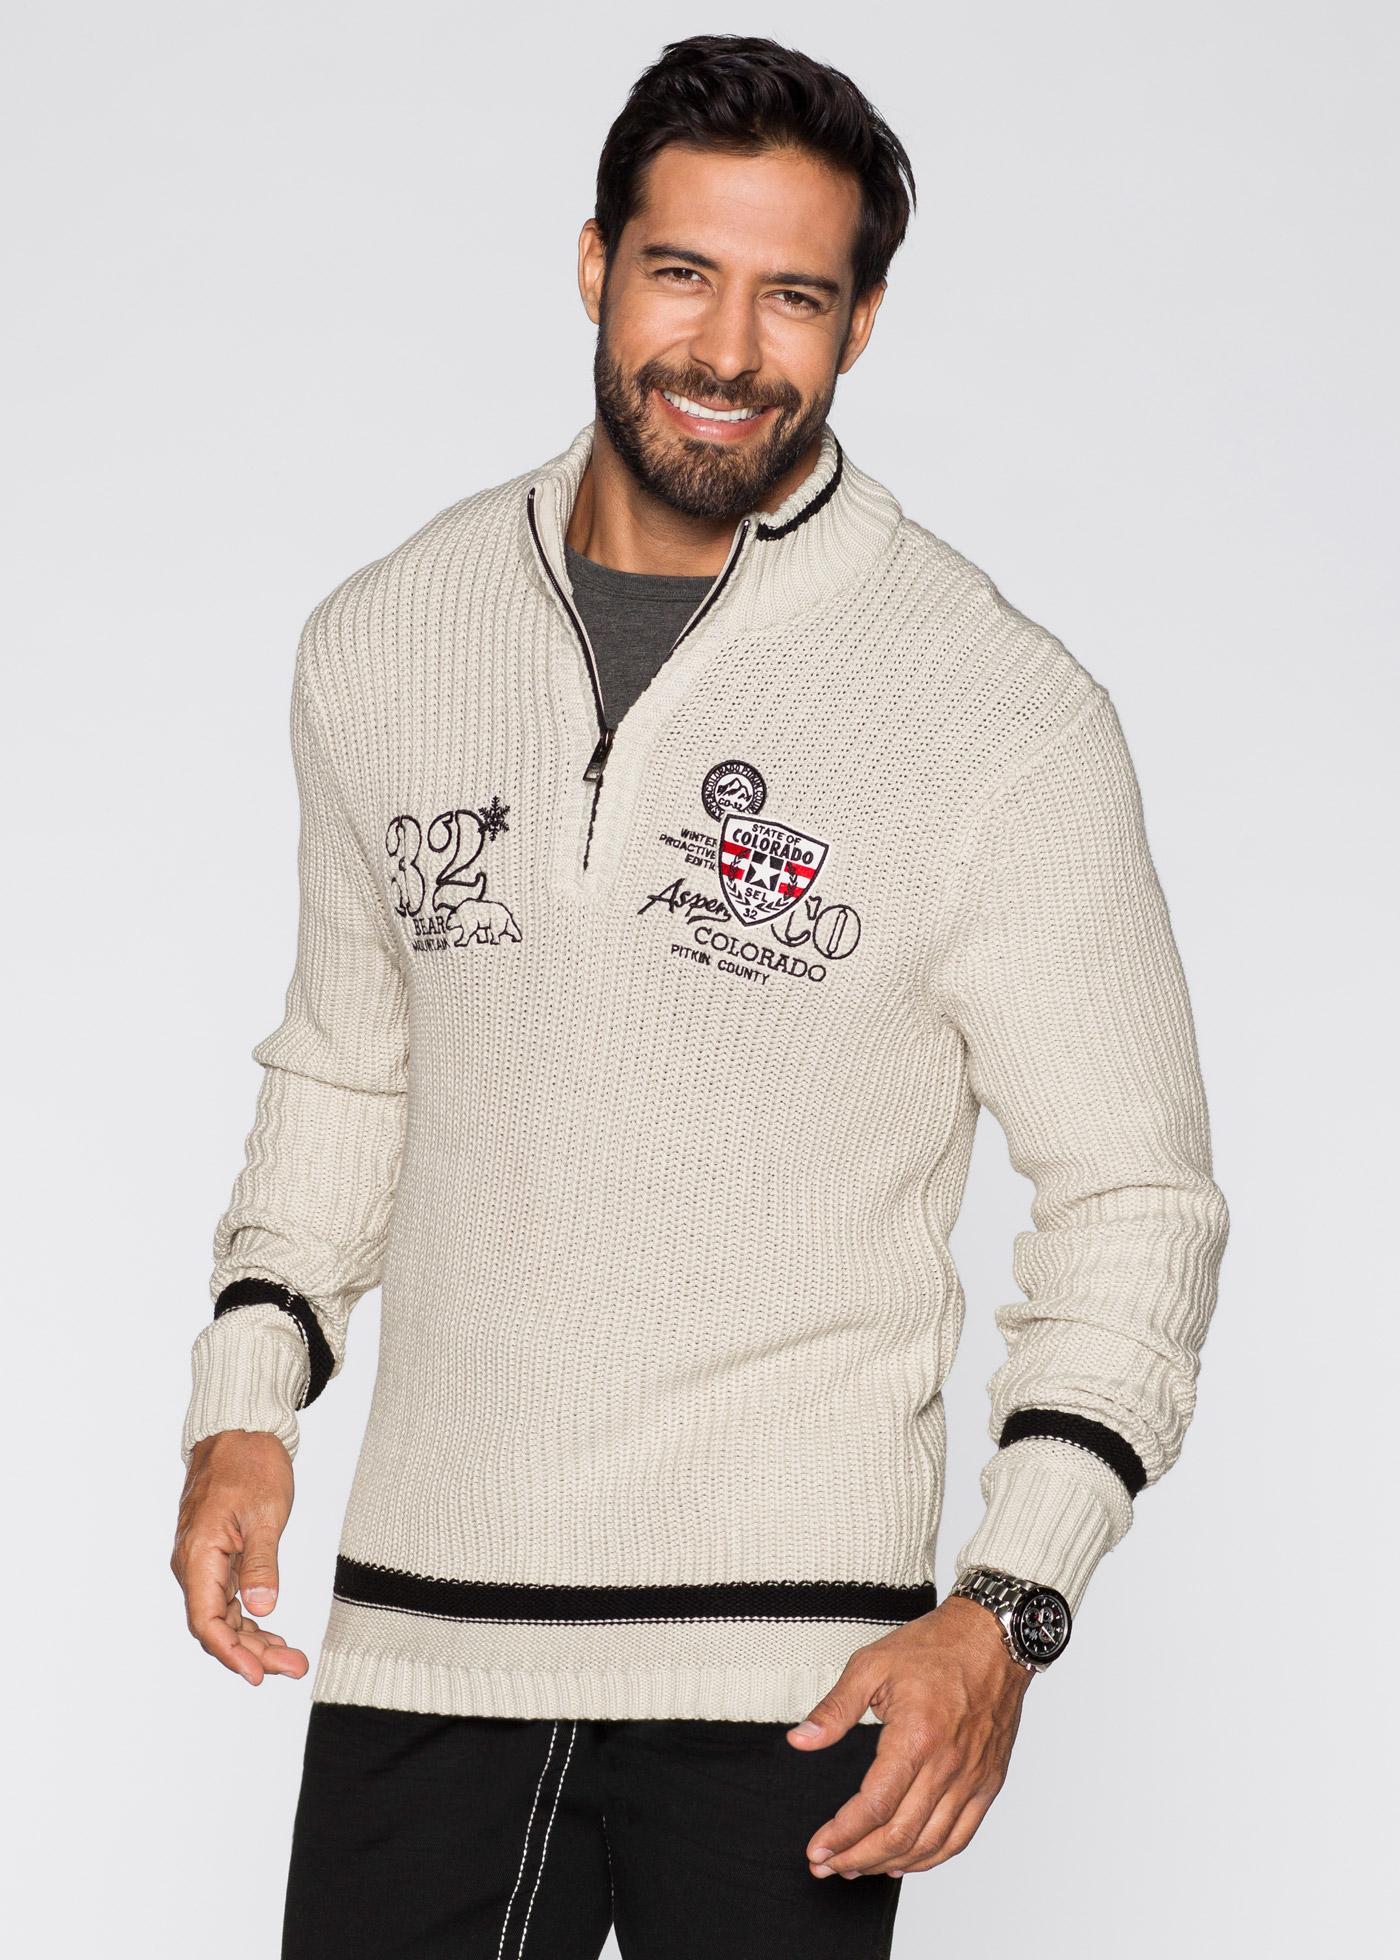 Пуловер Одежда Доставка